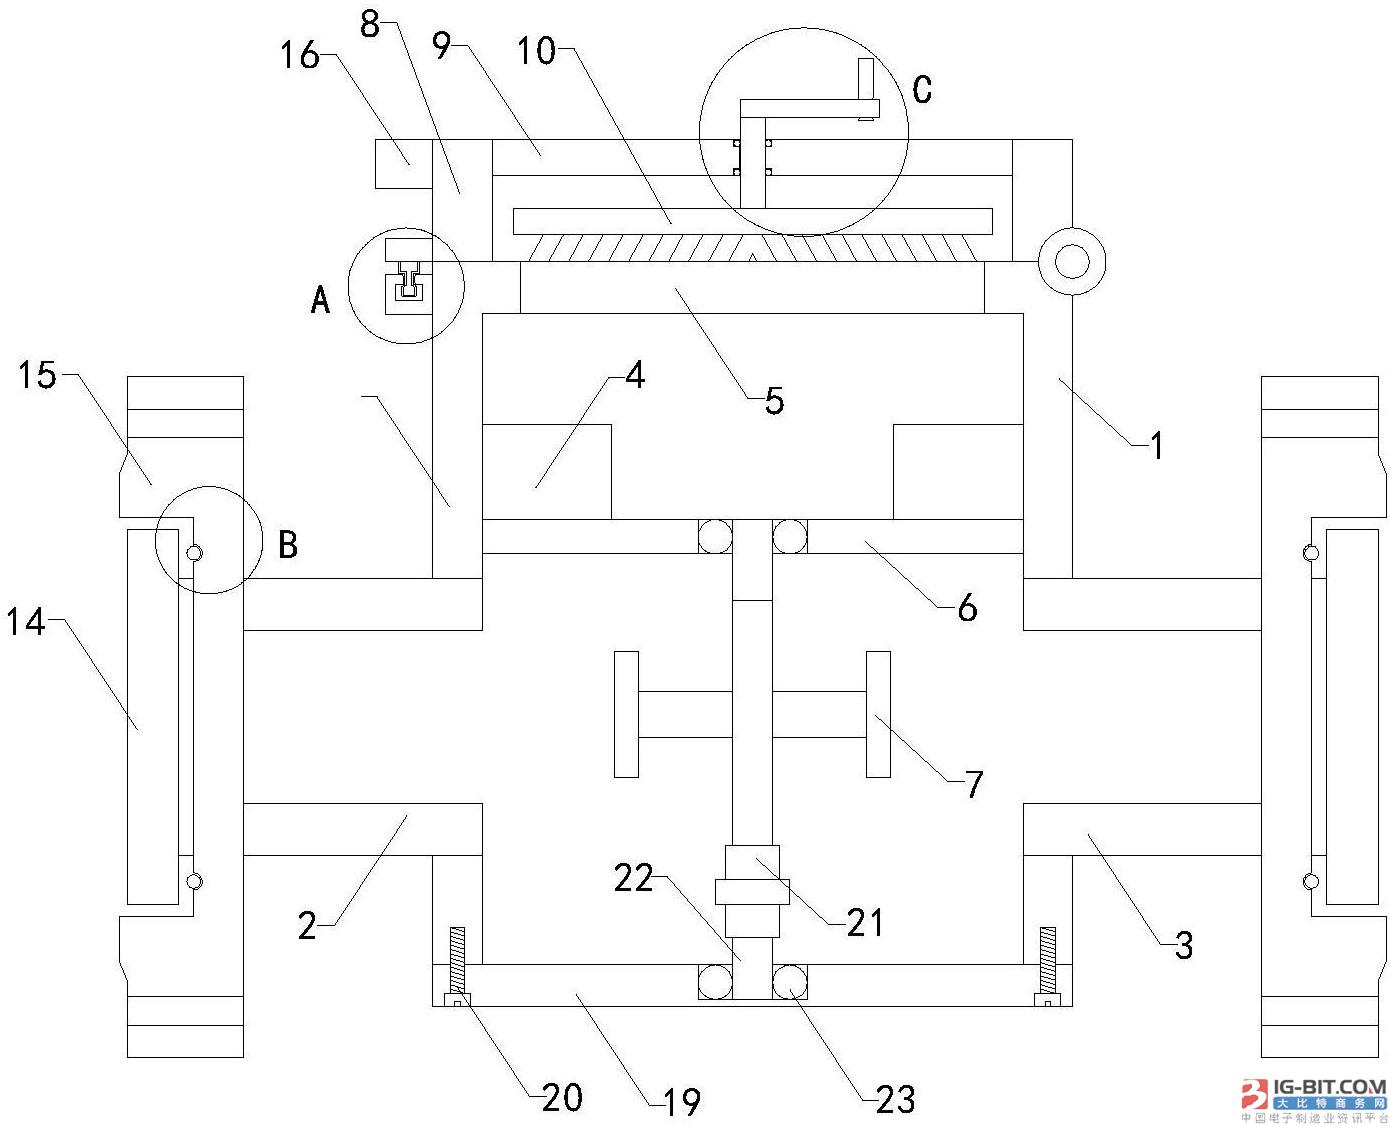 【仪表专利】一种防冻智能水表